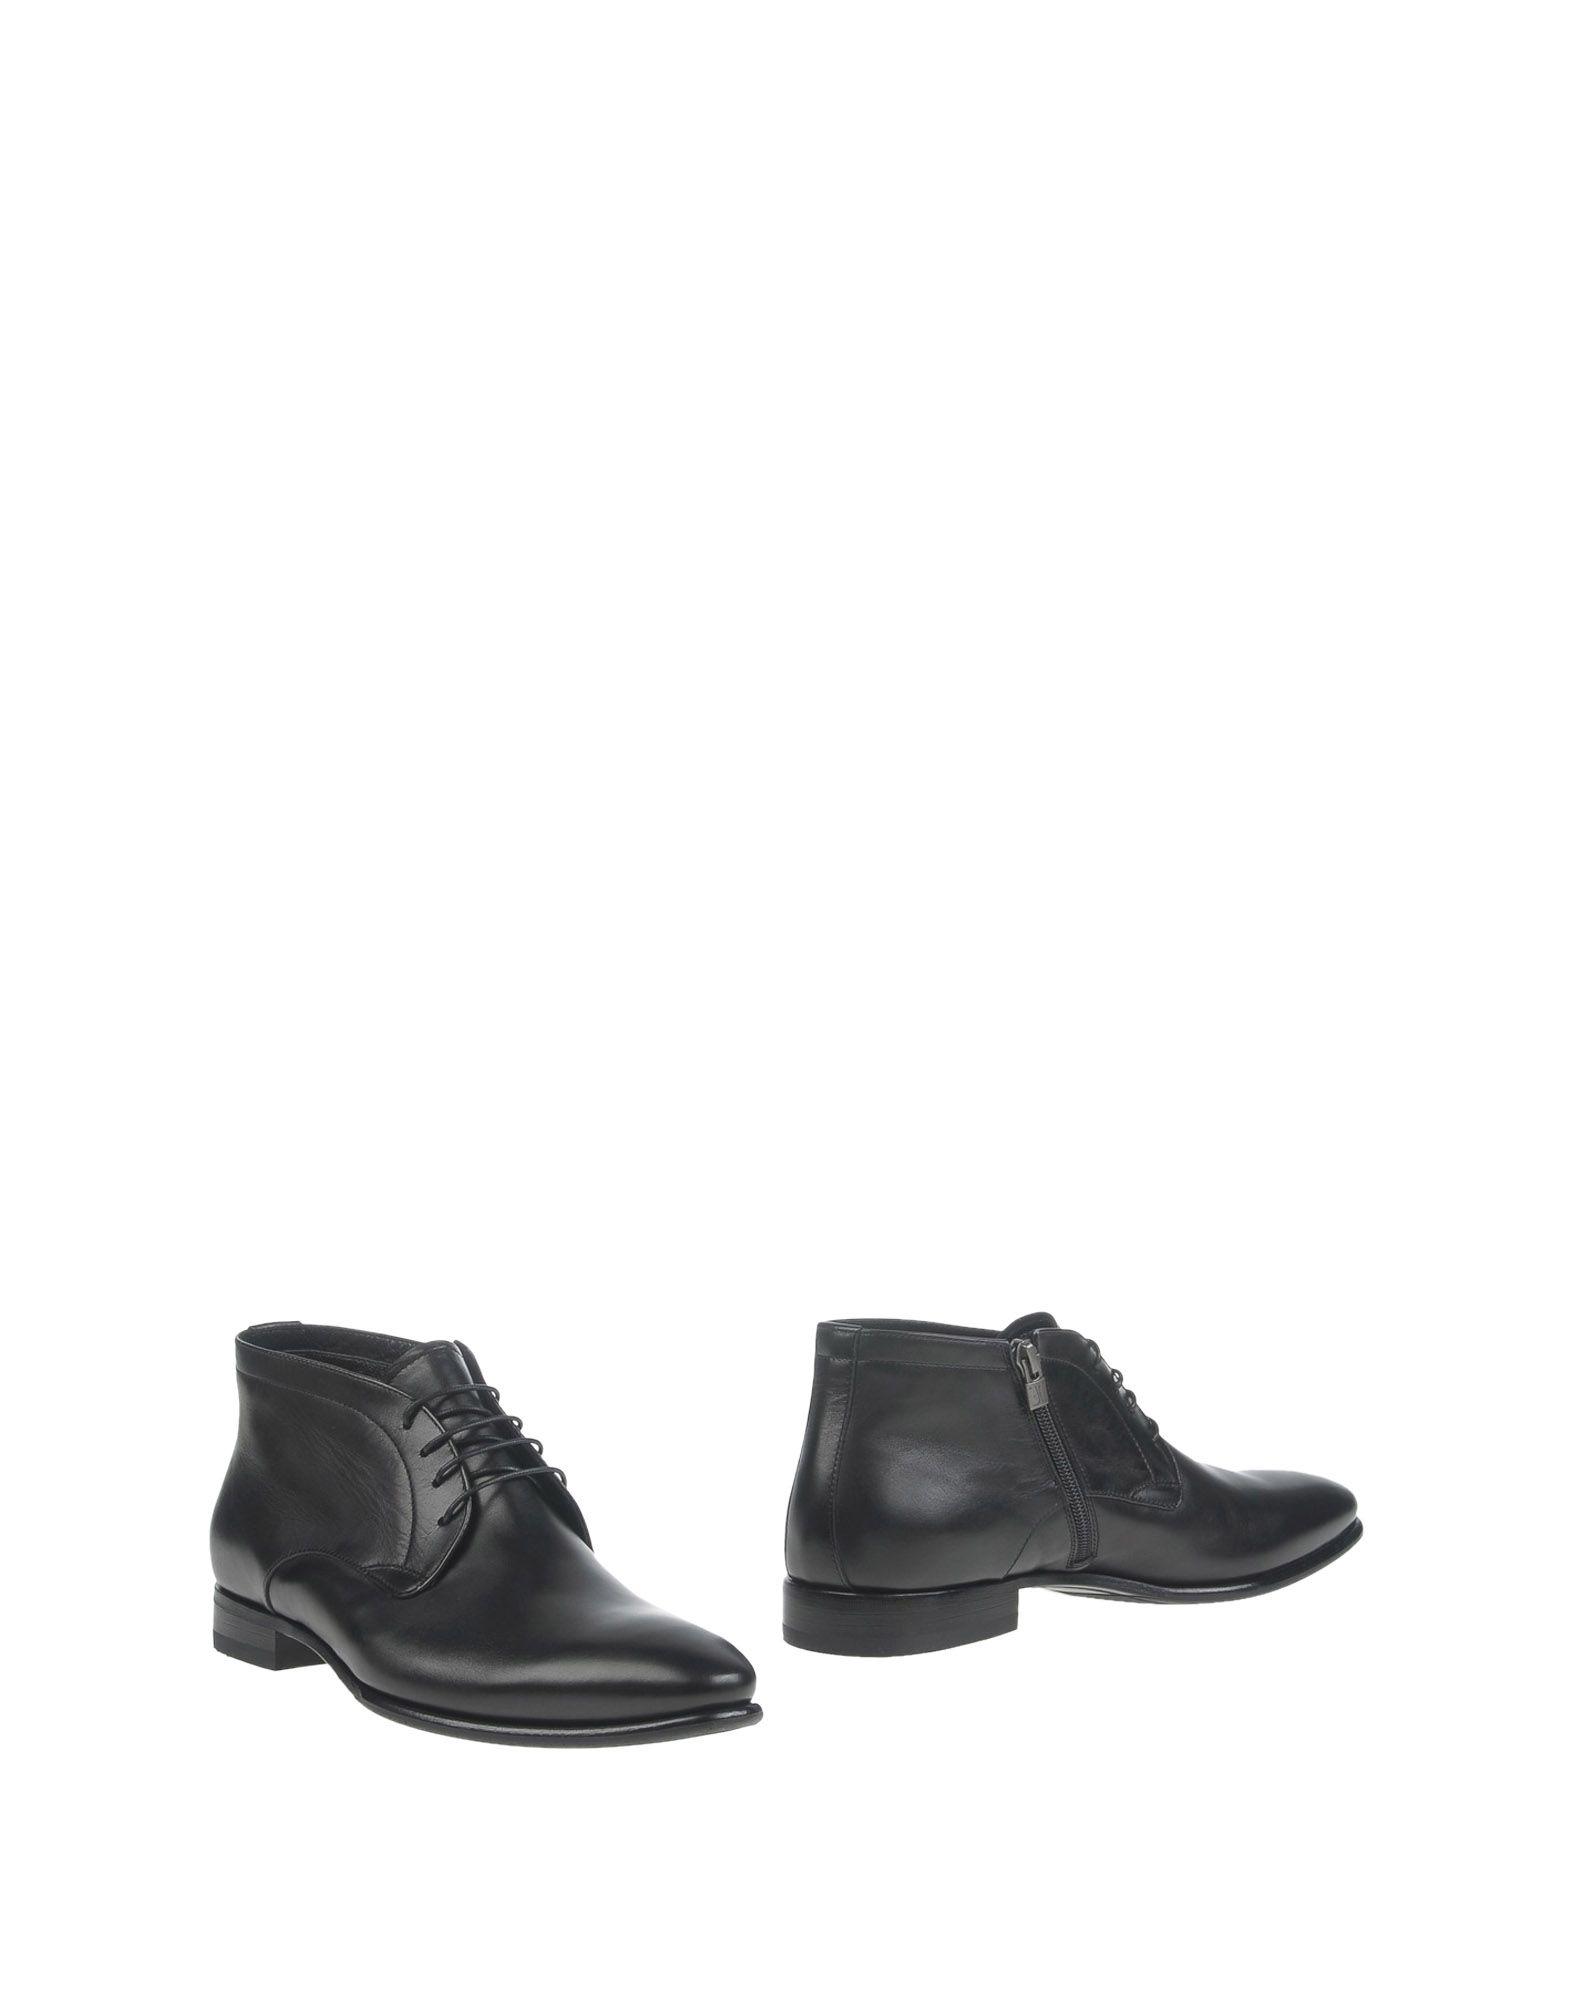 Fabi Stiefelette Herren  11304155GU Gute Qualität beliebte Schuhe